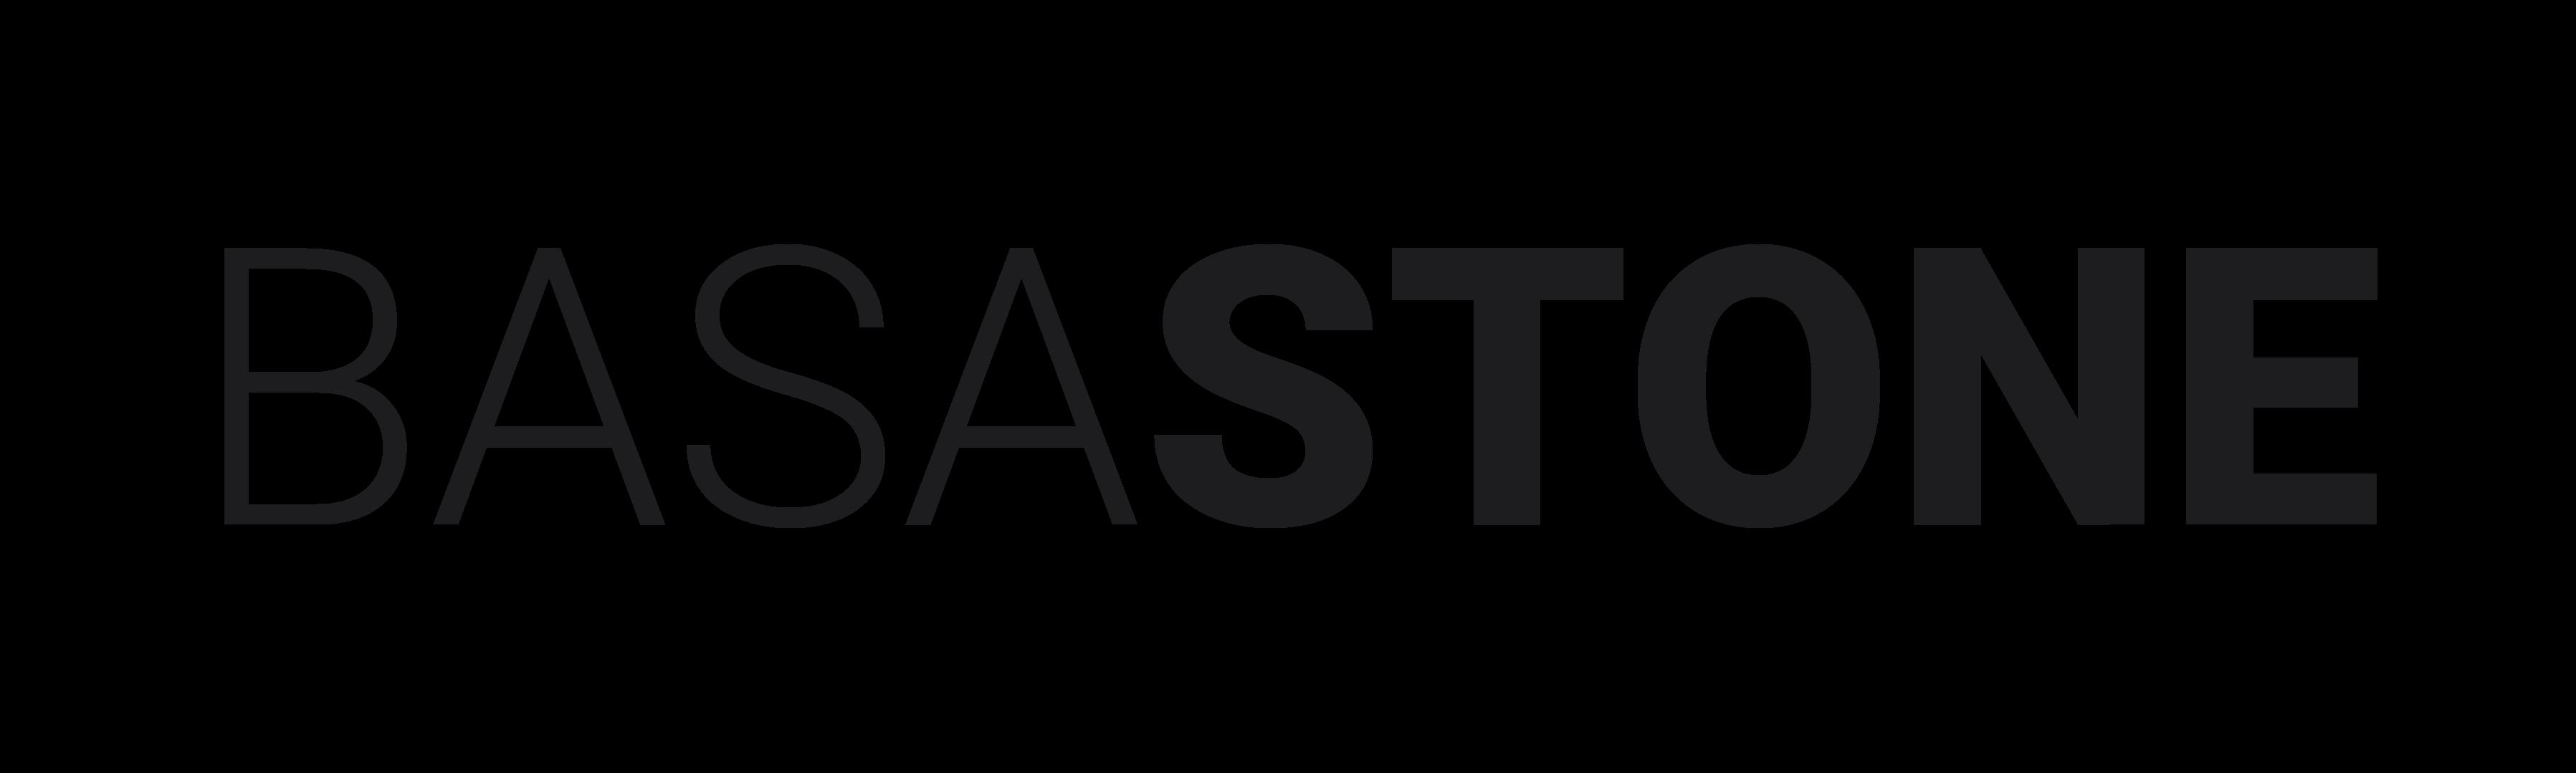 BasaStone.ro